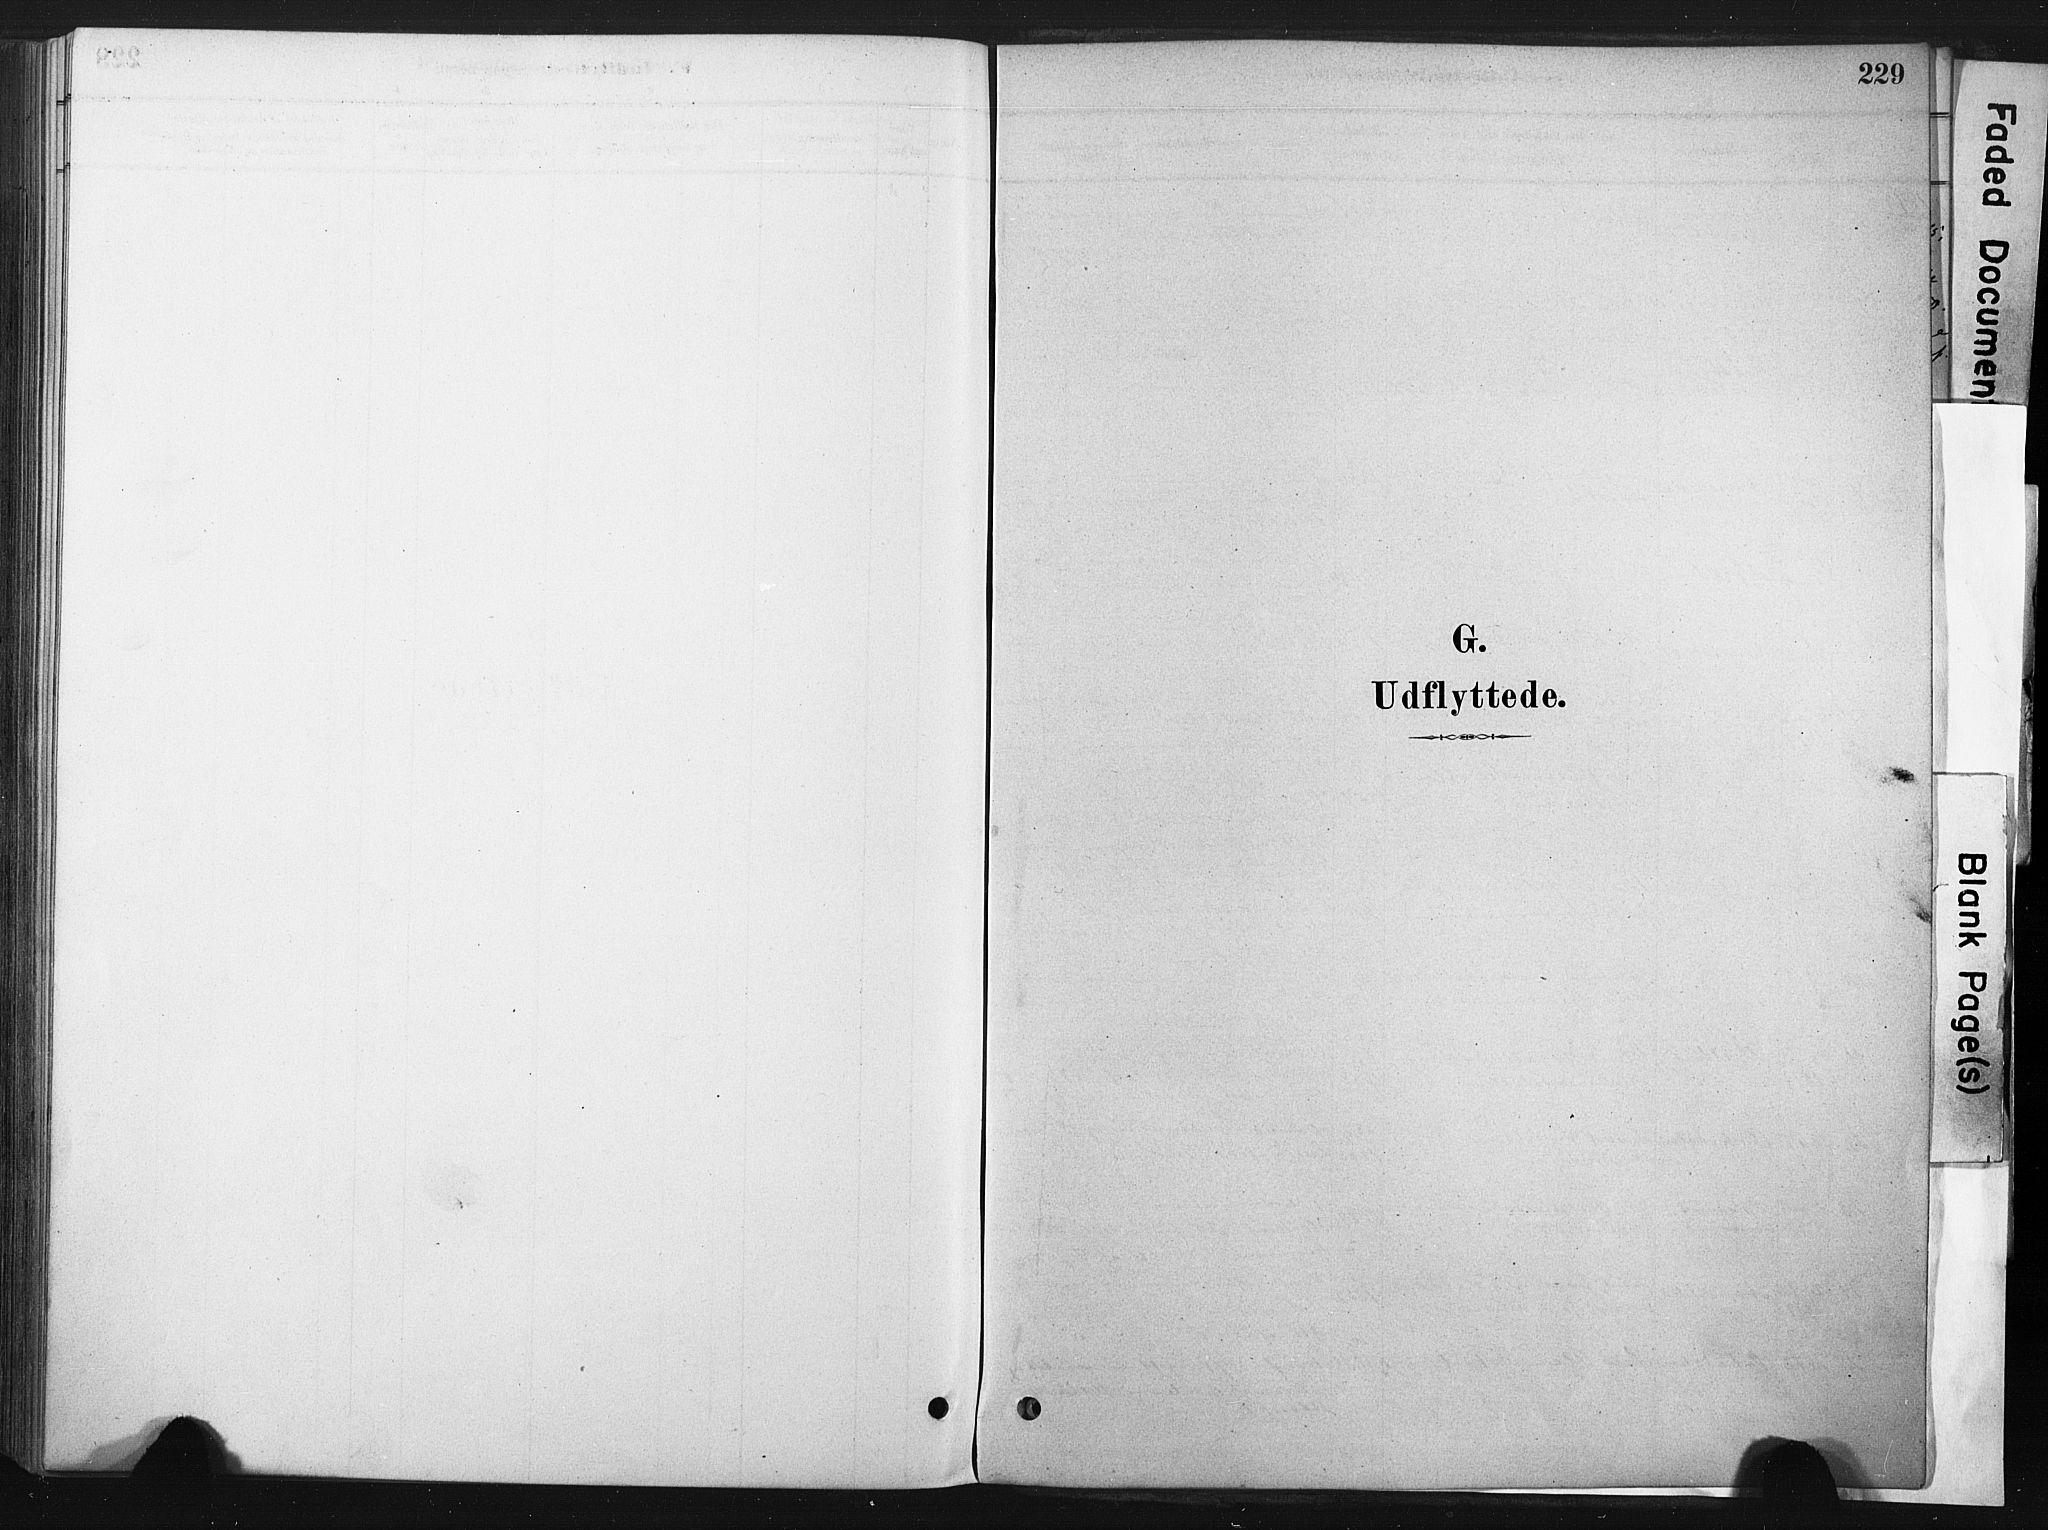 SAT, Ministerialprotokoller, klokkerbøker og fødselsregistre - Sør-Trøndelag, 667/L0795: Ministerialbok nr. 667A03, 1879-1907, s. 229